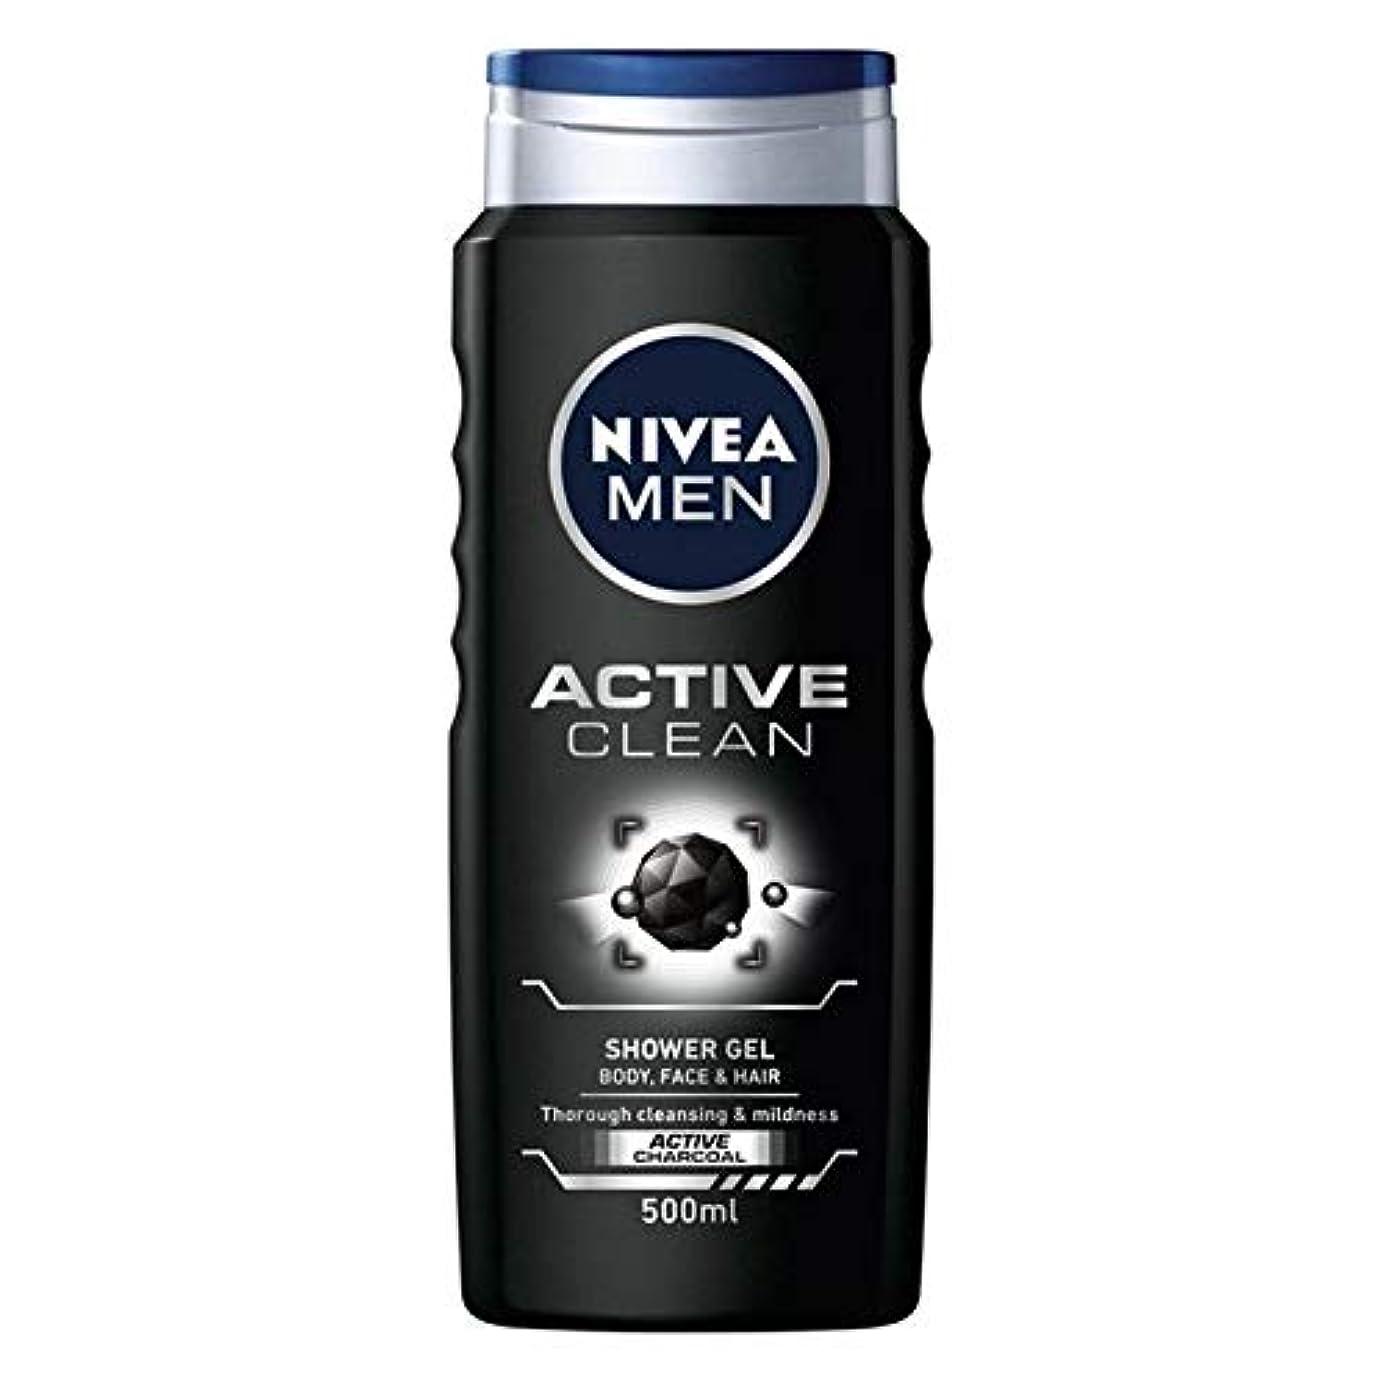 取り除く努力置換[Nivea ] ニベアの男性アクティブクリーンシャワージェル500ミリリットル - Nivea Men Active Clean Shower Gel 500ml [並行輸入品]